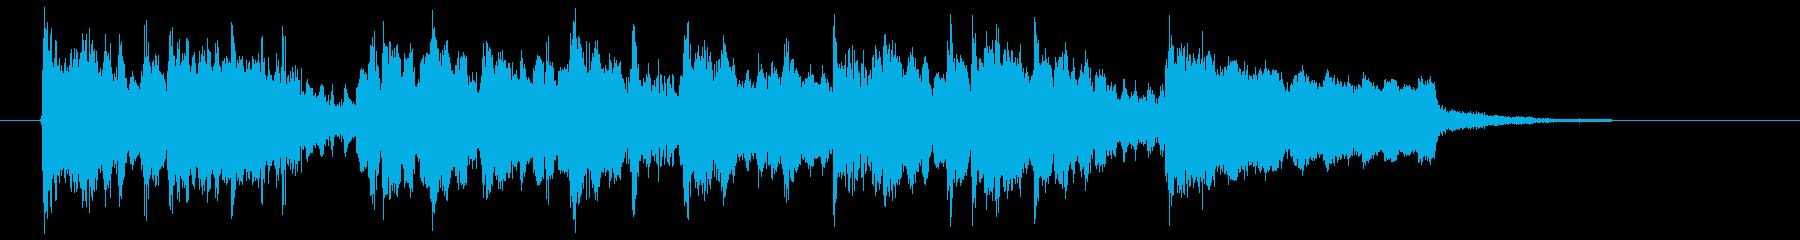 軽快で可憐なメルヘンポップジングルの再生済みの波形